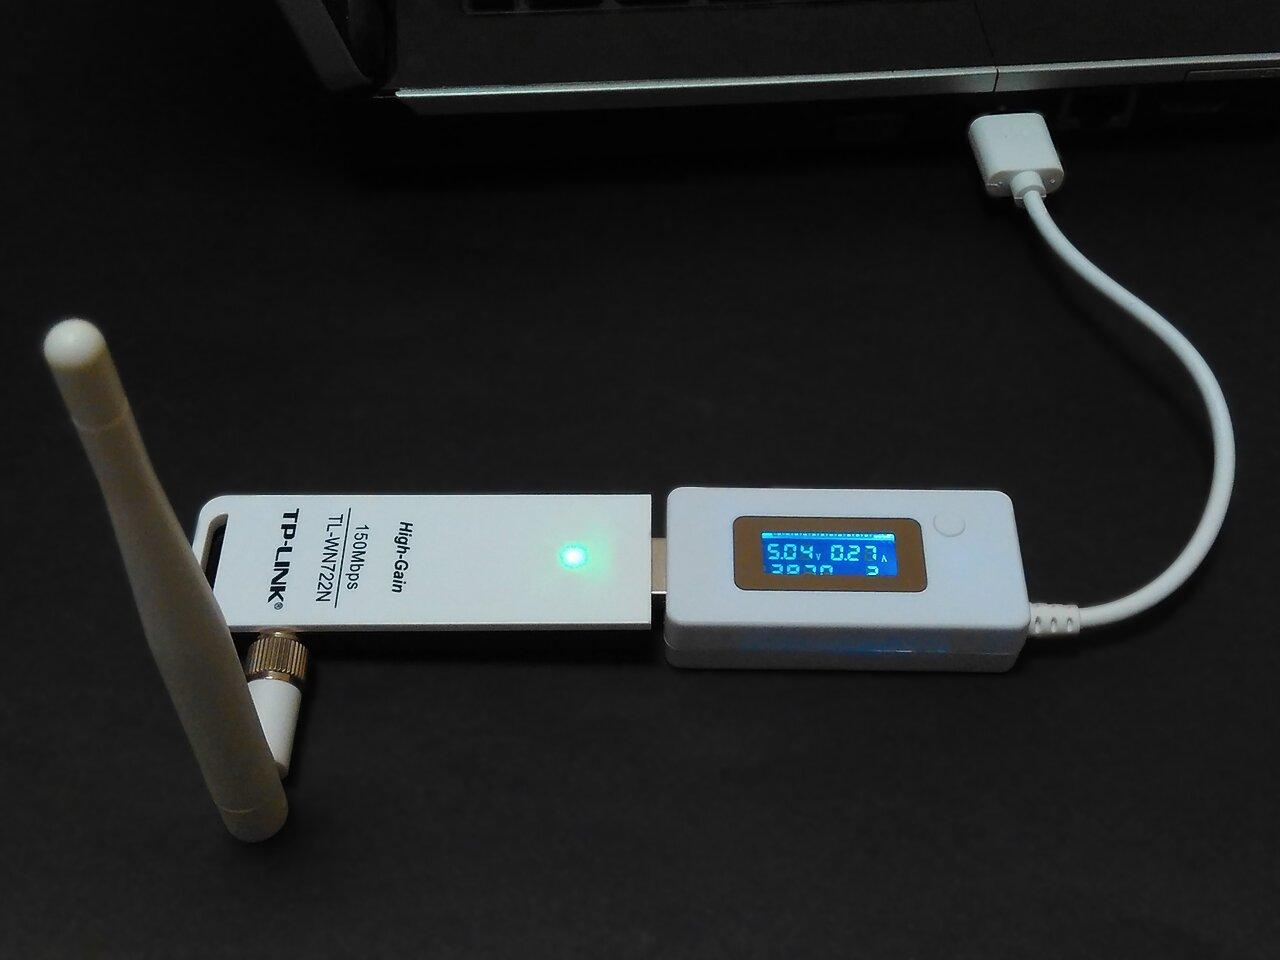 TL-WN722N потребляет 1368 мВт в режиме мониторинга